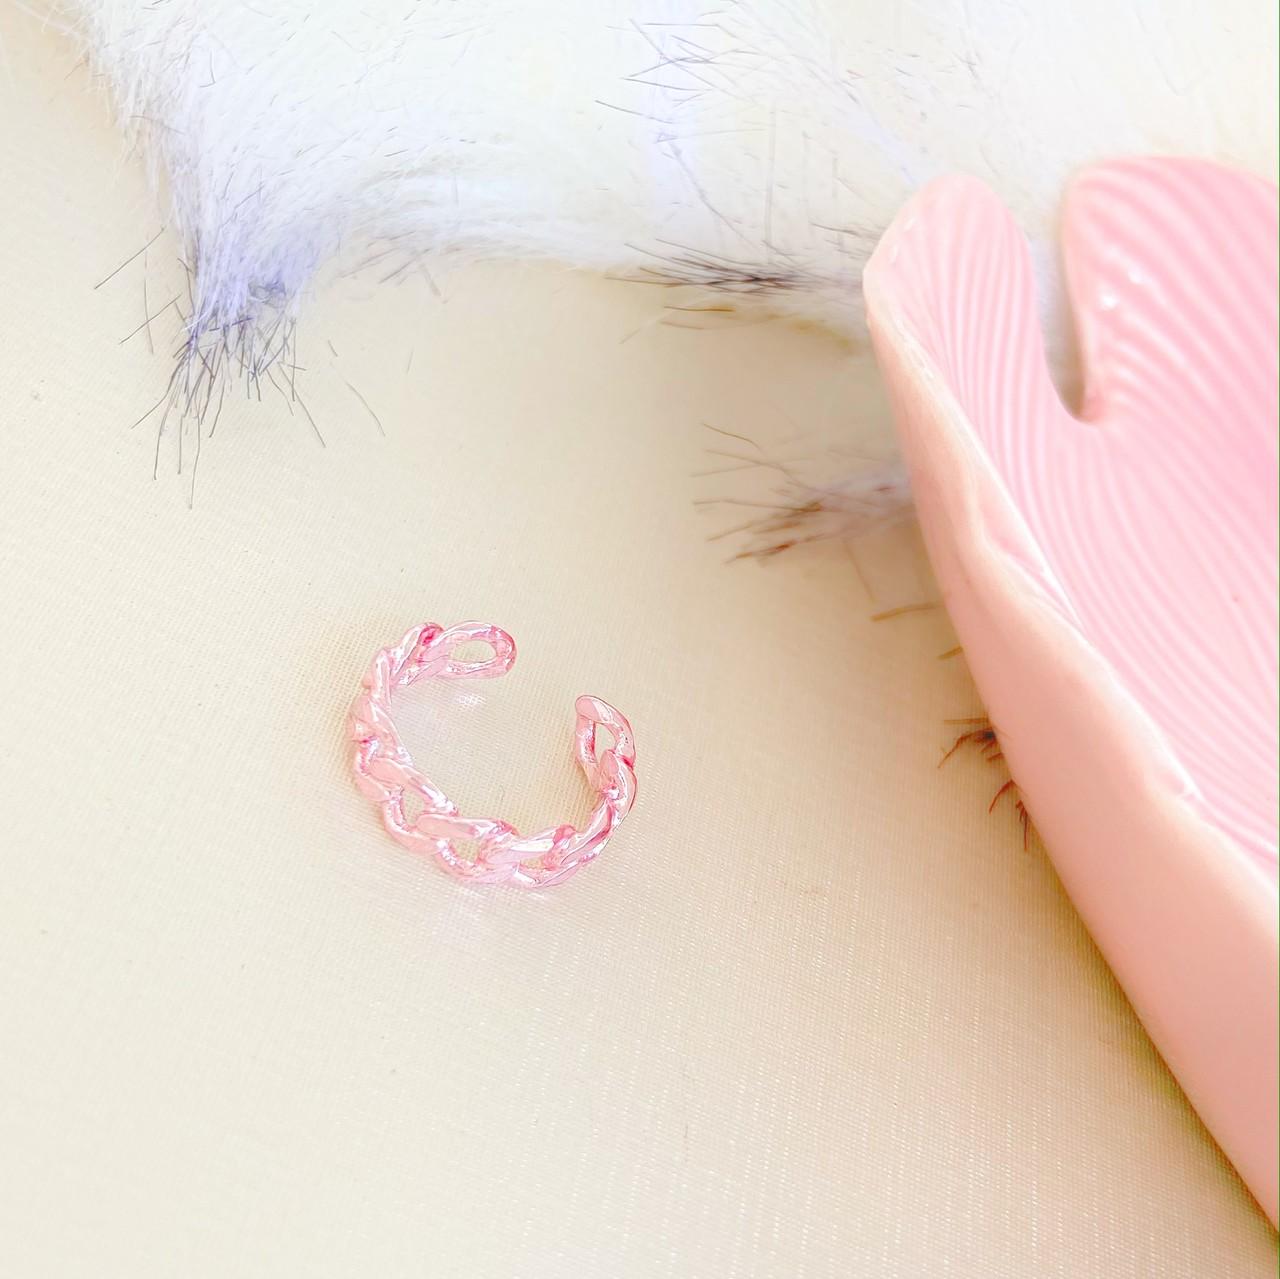 Piercing Fake Pink - PIR0706P